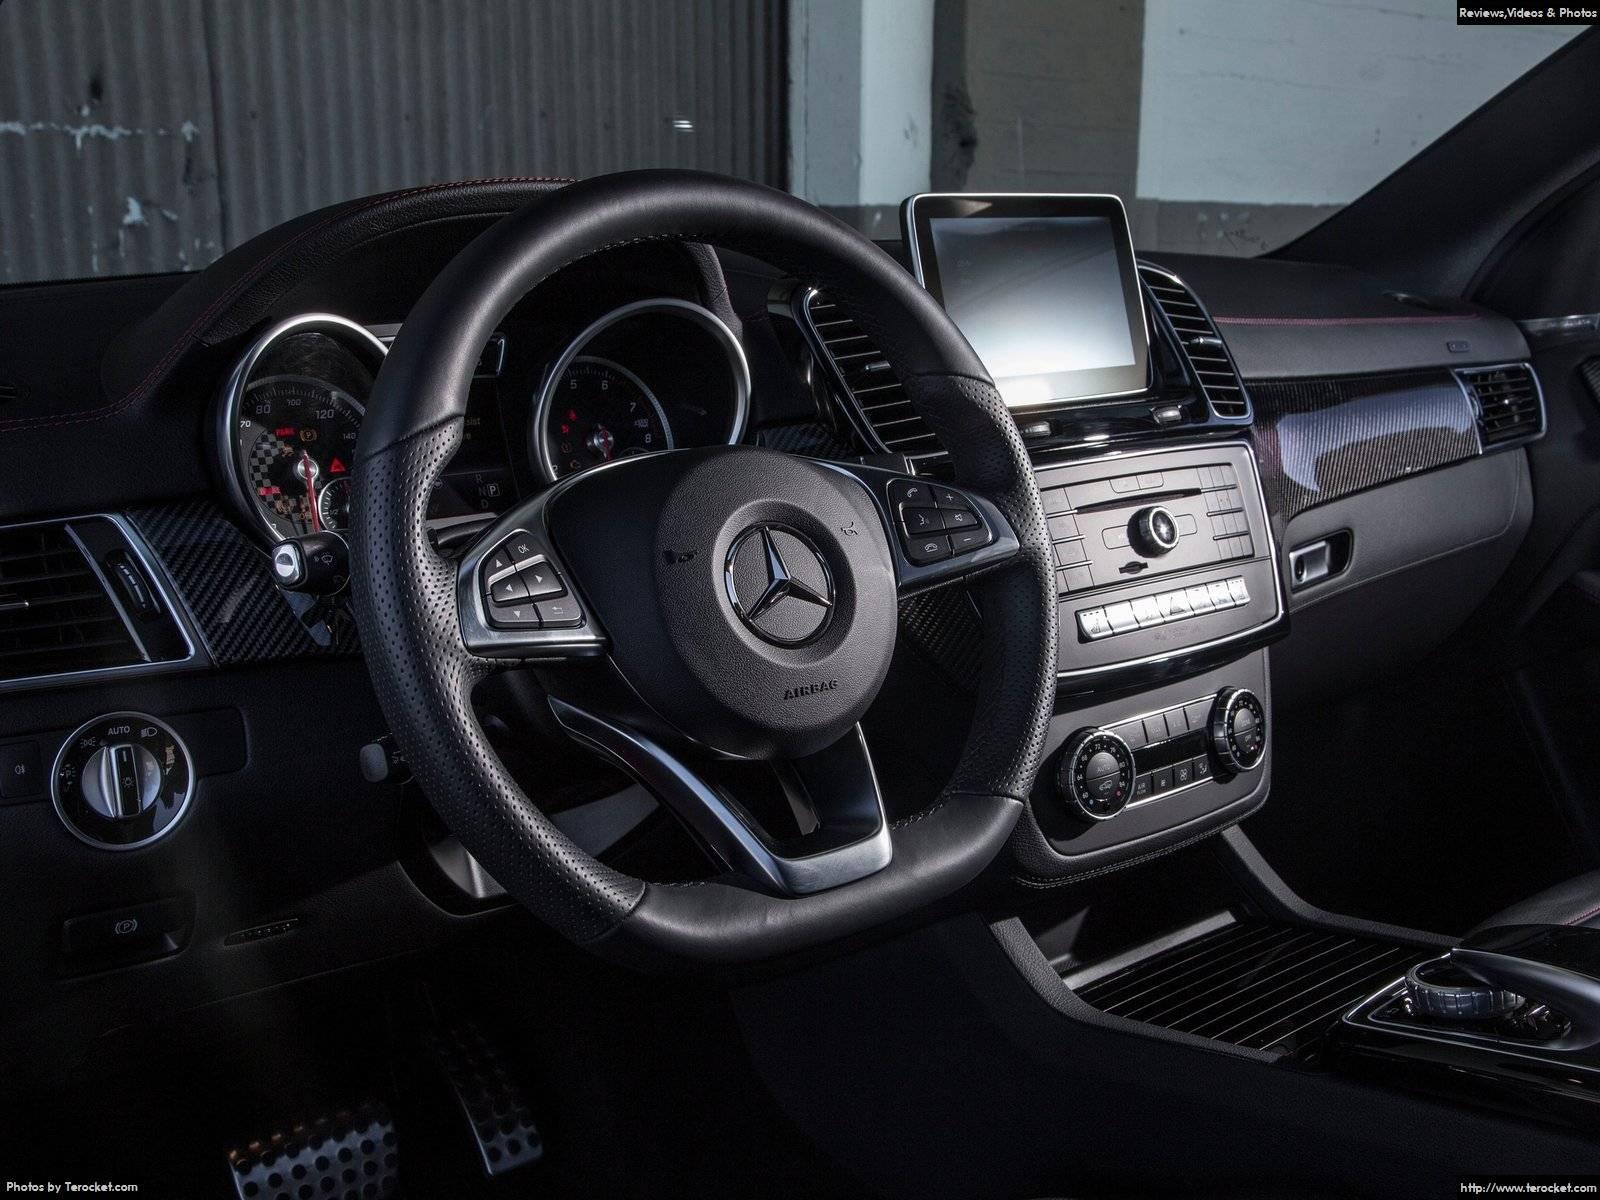 Hình ảnh xe ô tô Mercedes-Benz GLE450 AMG Coupe 2016 & nội ngoại thất